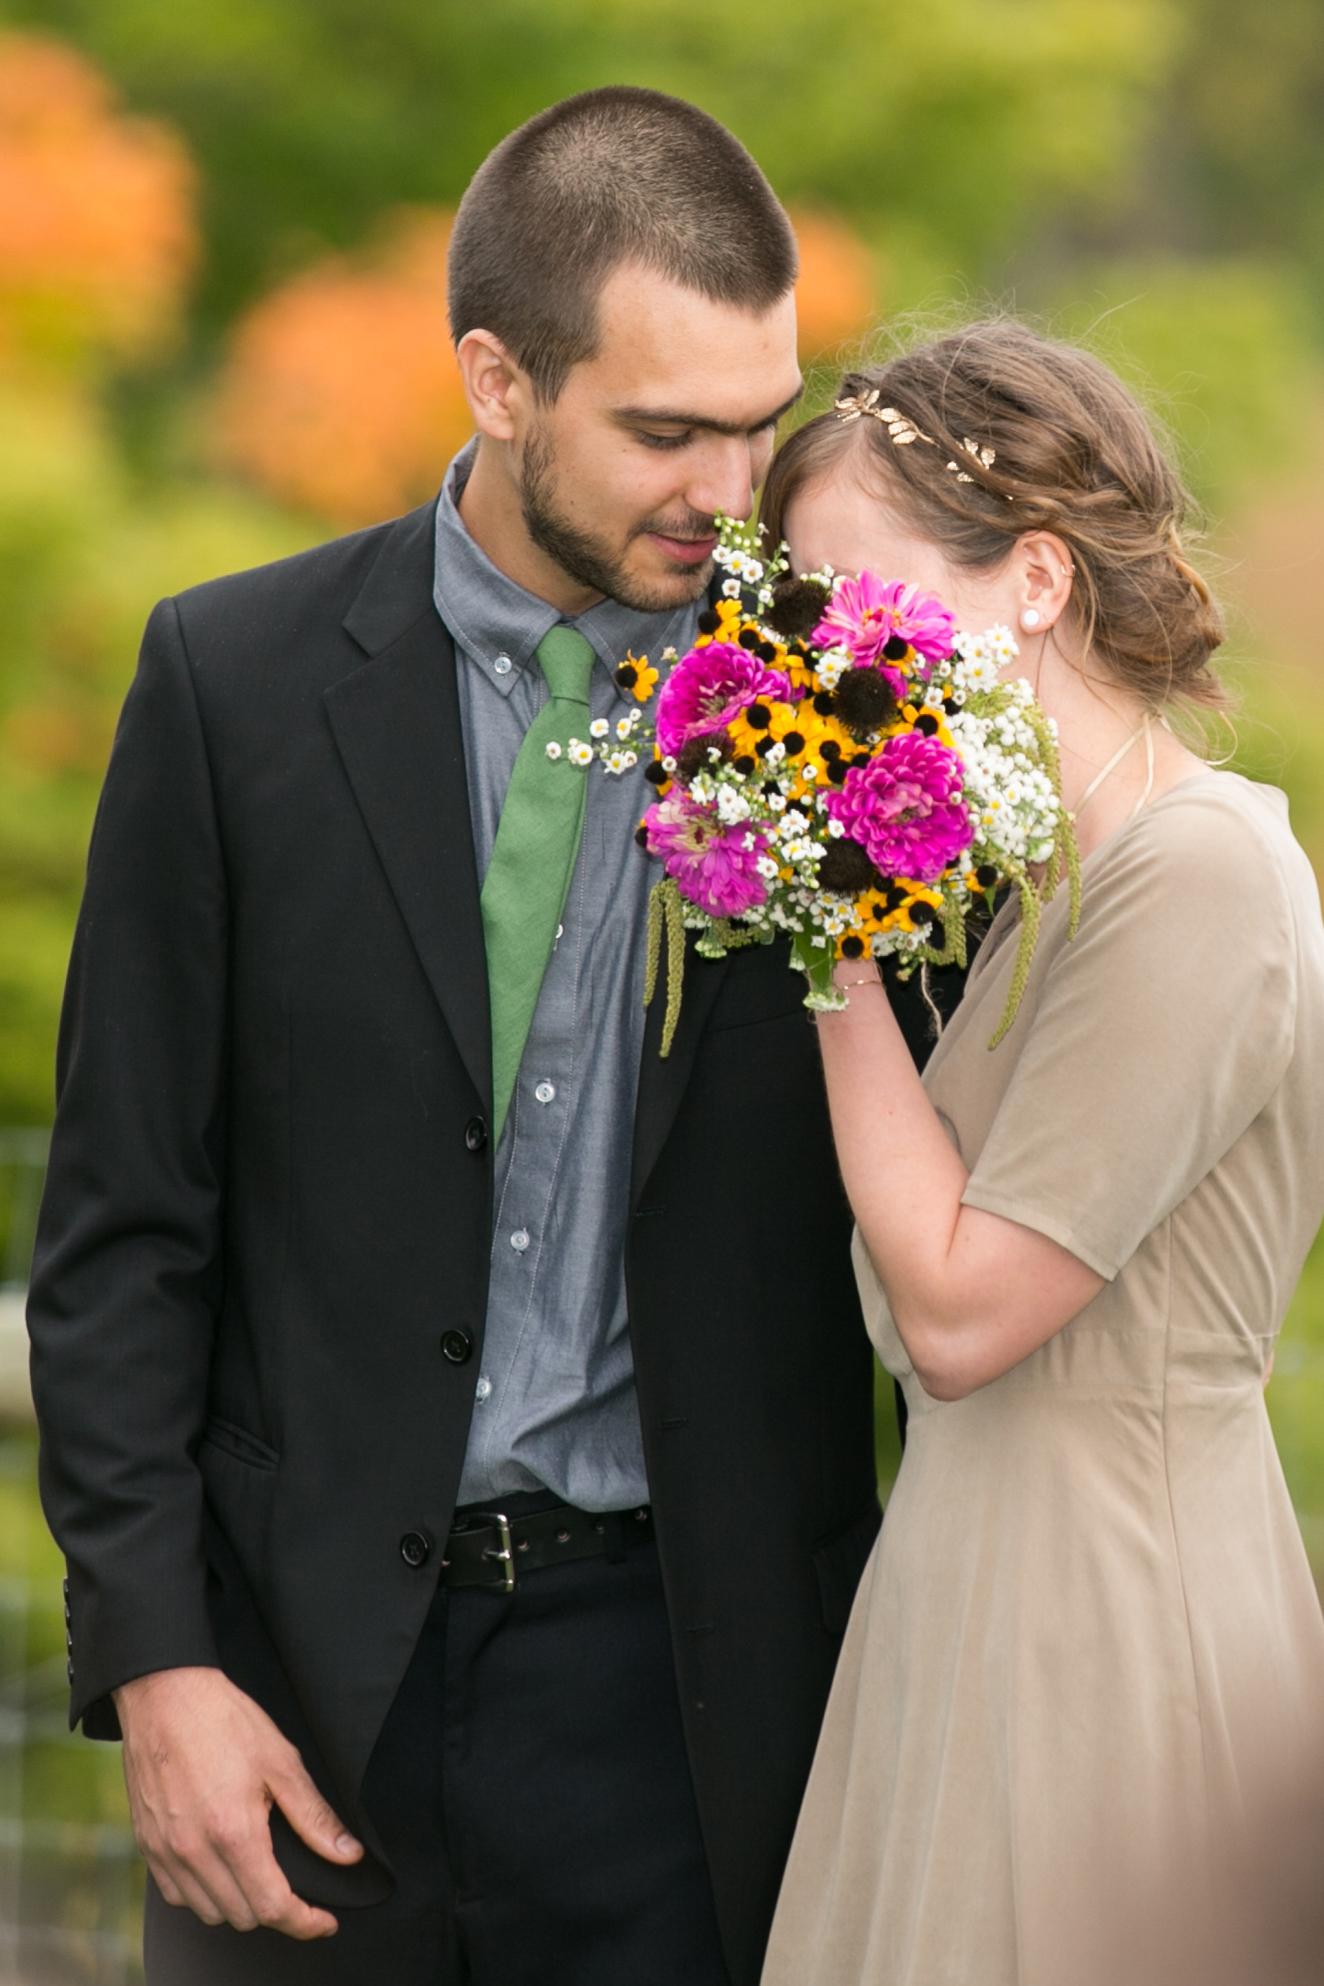 Brides-Vail-Colorado-photography-axelphoto.jpg